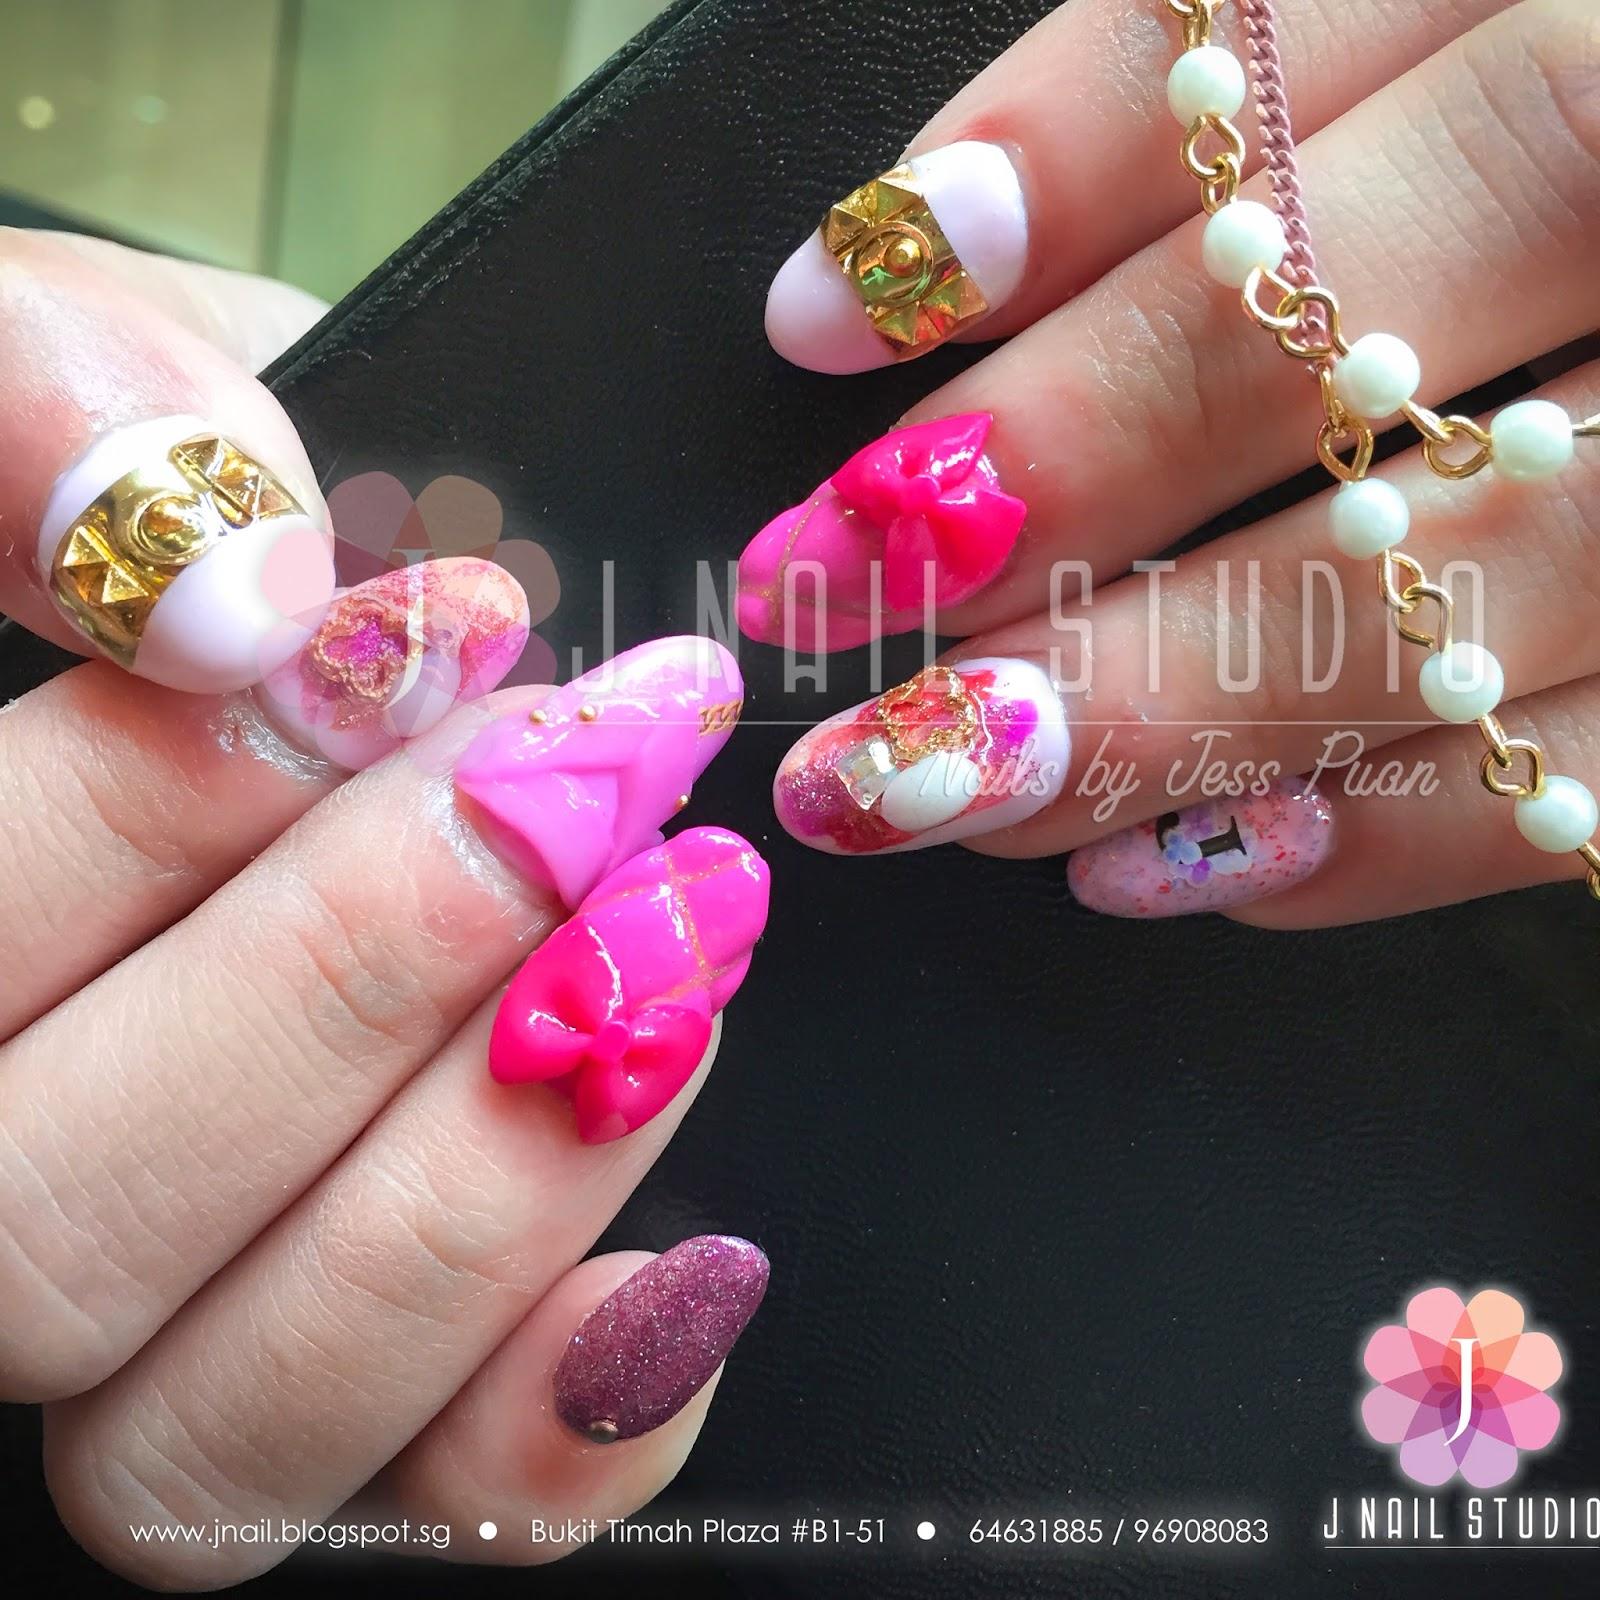 J Nail Studio: Collier de Chien Barbie Nails